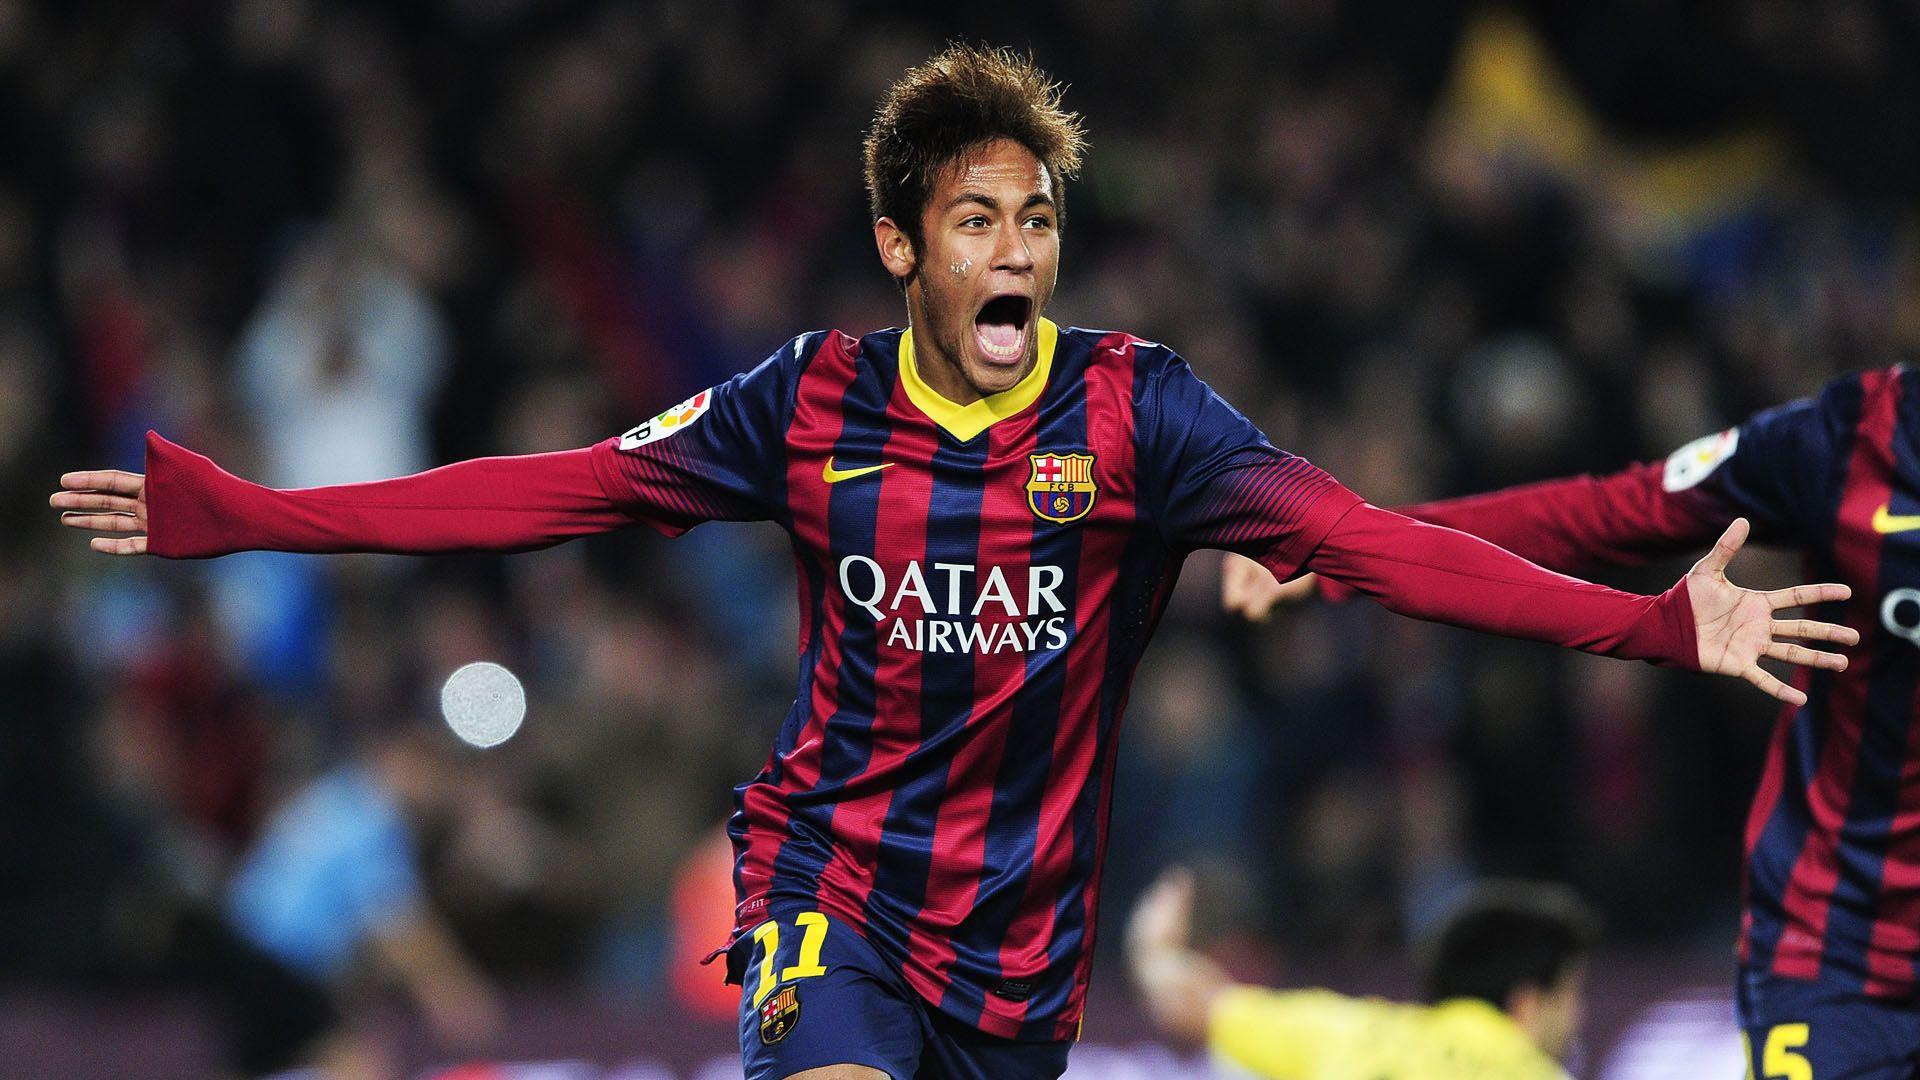 Neymar Wallpapers HD | PixelsTalk.Net